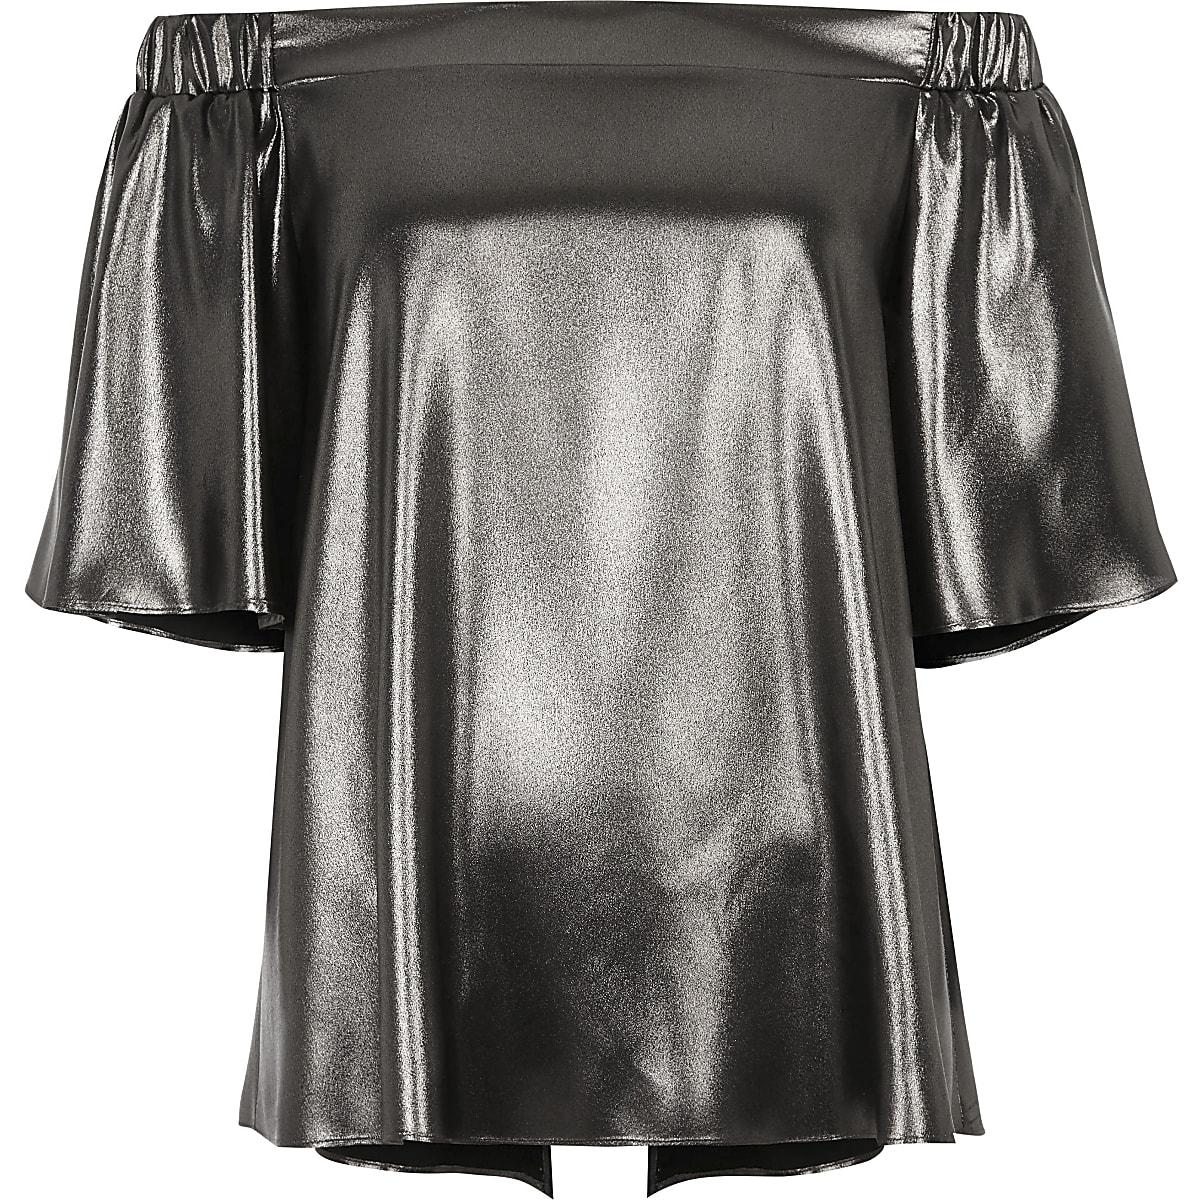 9404ca44dd4a0 Silver metallic bardot top - Bardot   Cold Shoulder Tops - Tops - women